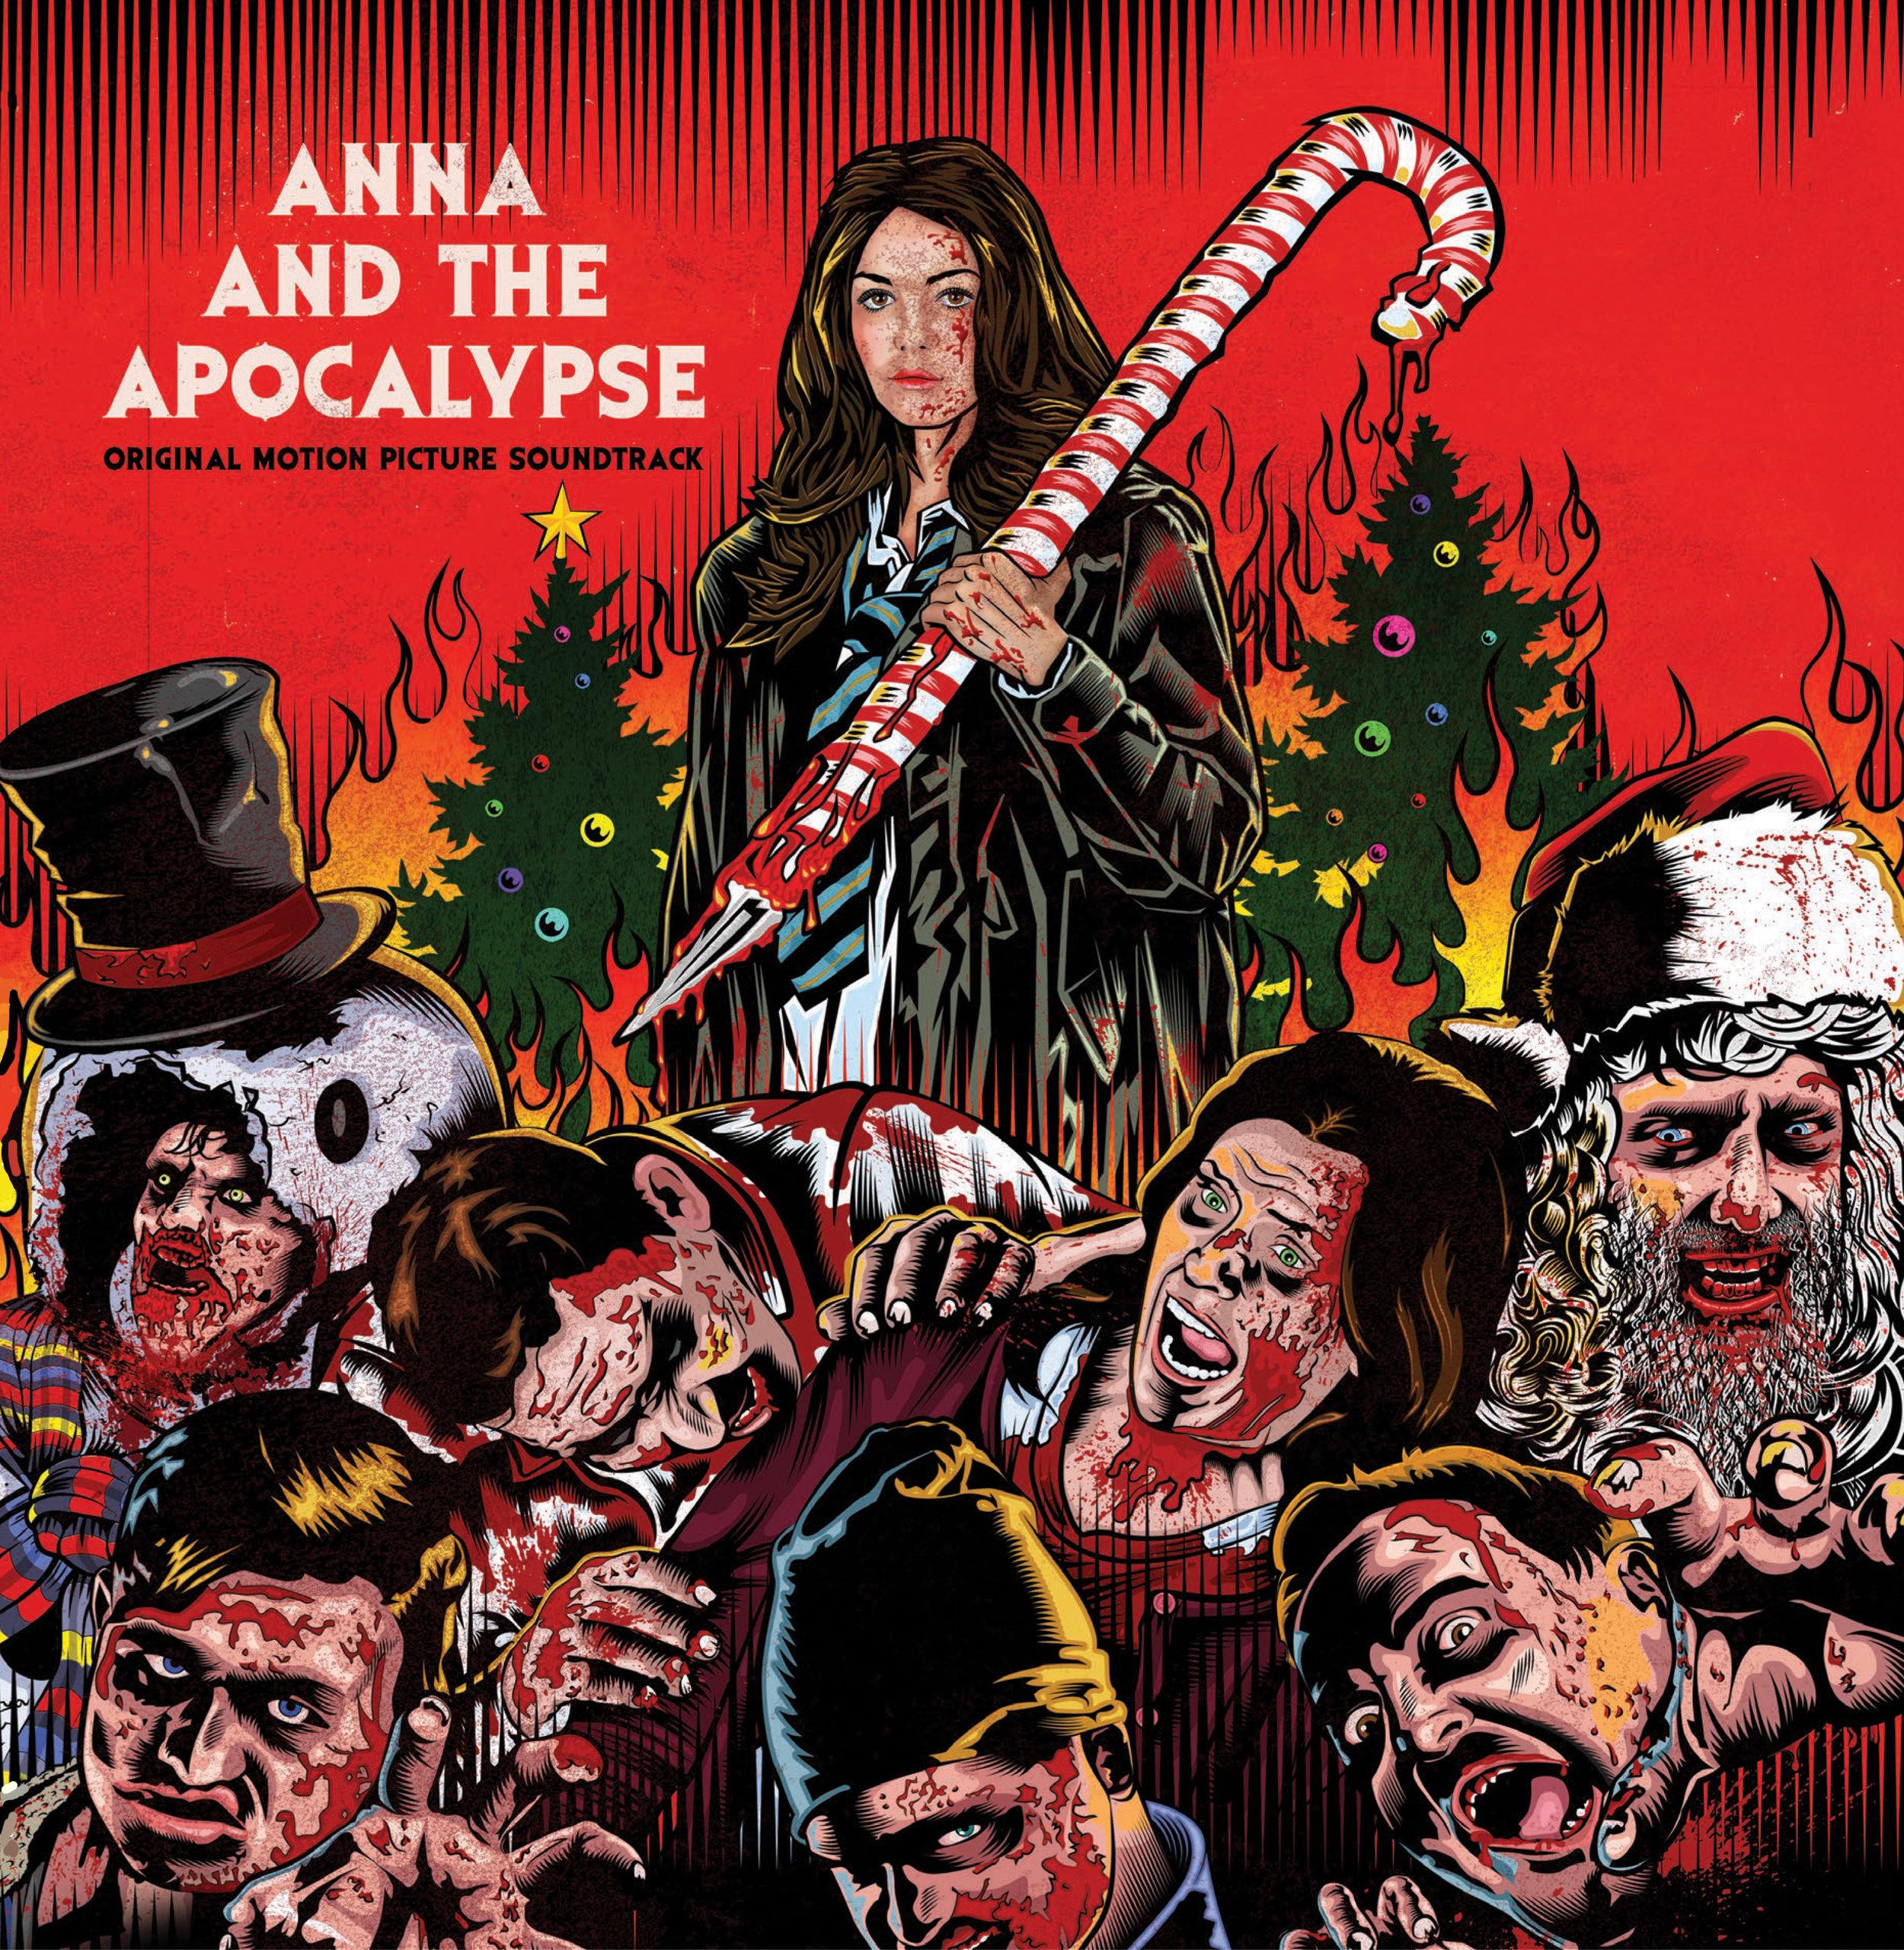 AATA Front Album Cover.jpg